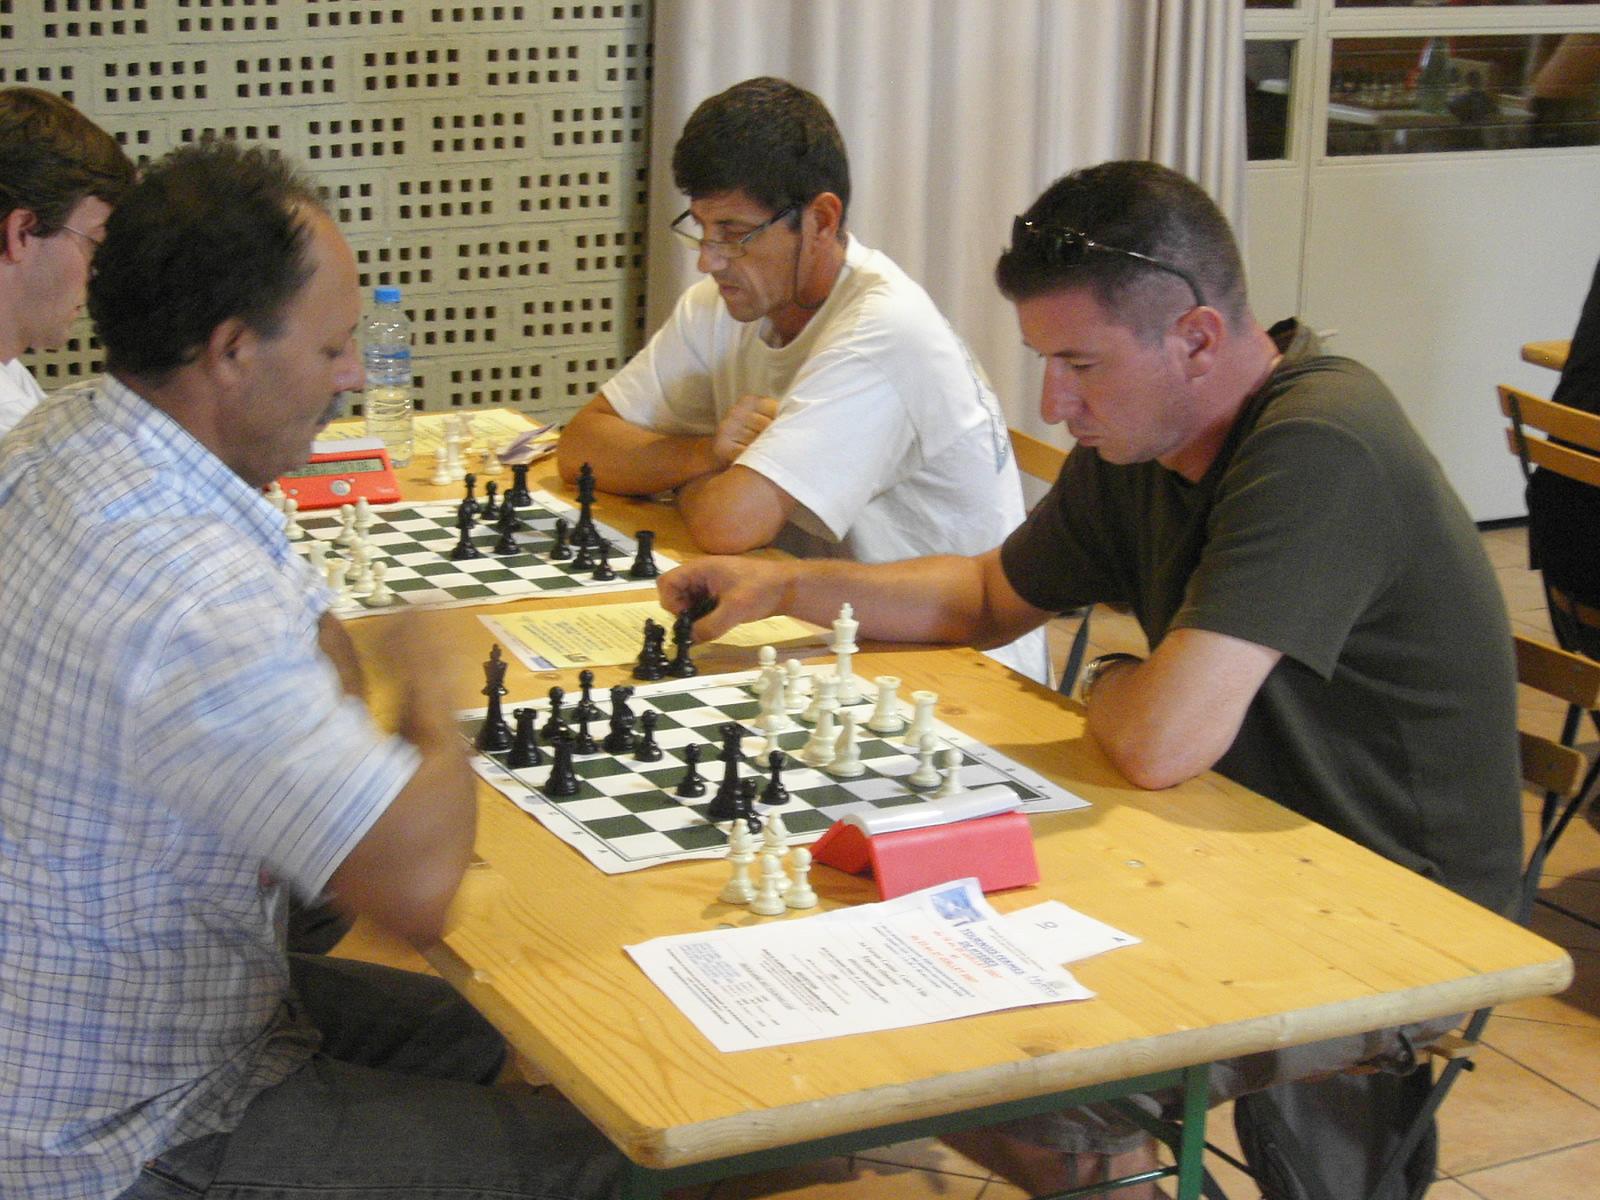 Grand Prix Arcois 2007 (2) Abdelhamid Khalfaoui vs Joel Chapuis